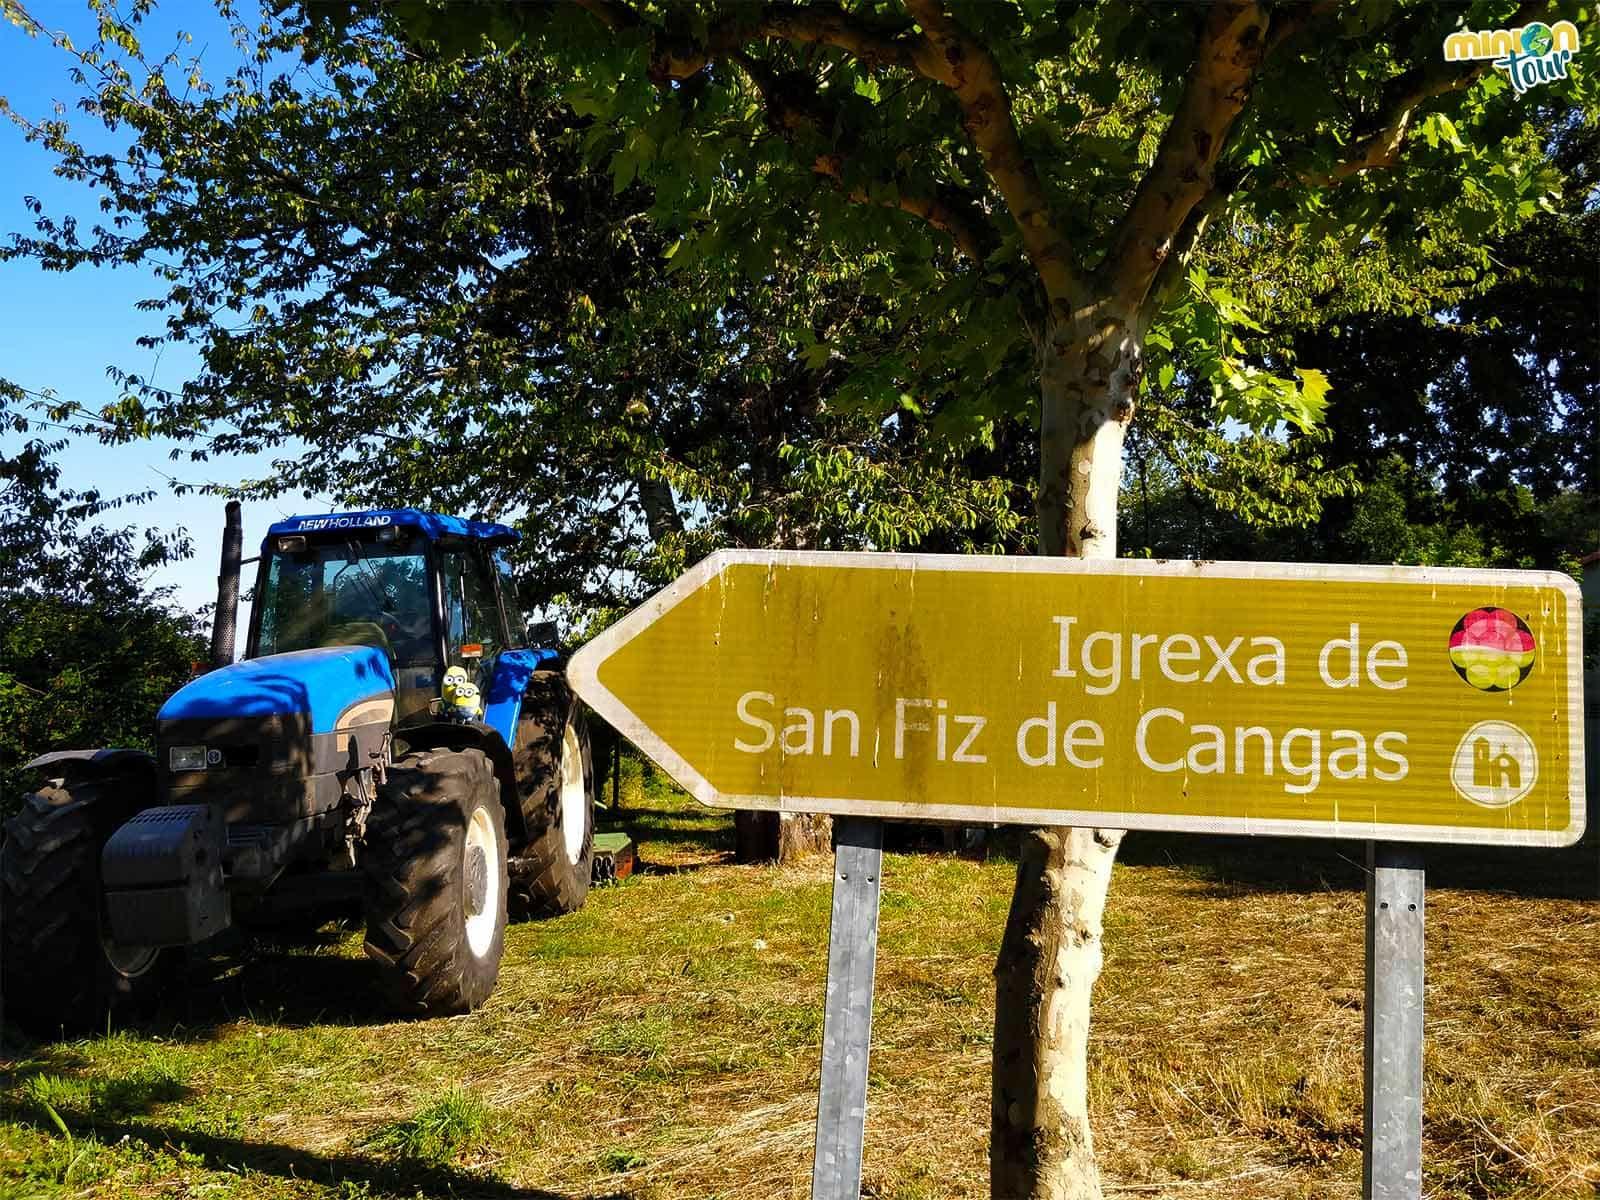 Cartel a la Iglesia de San Fiz de Cangas